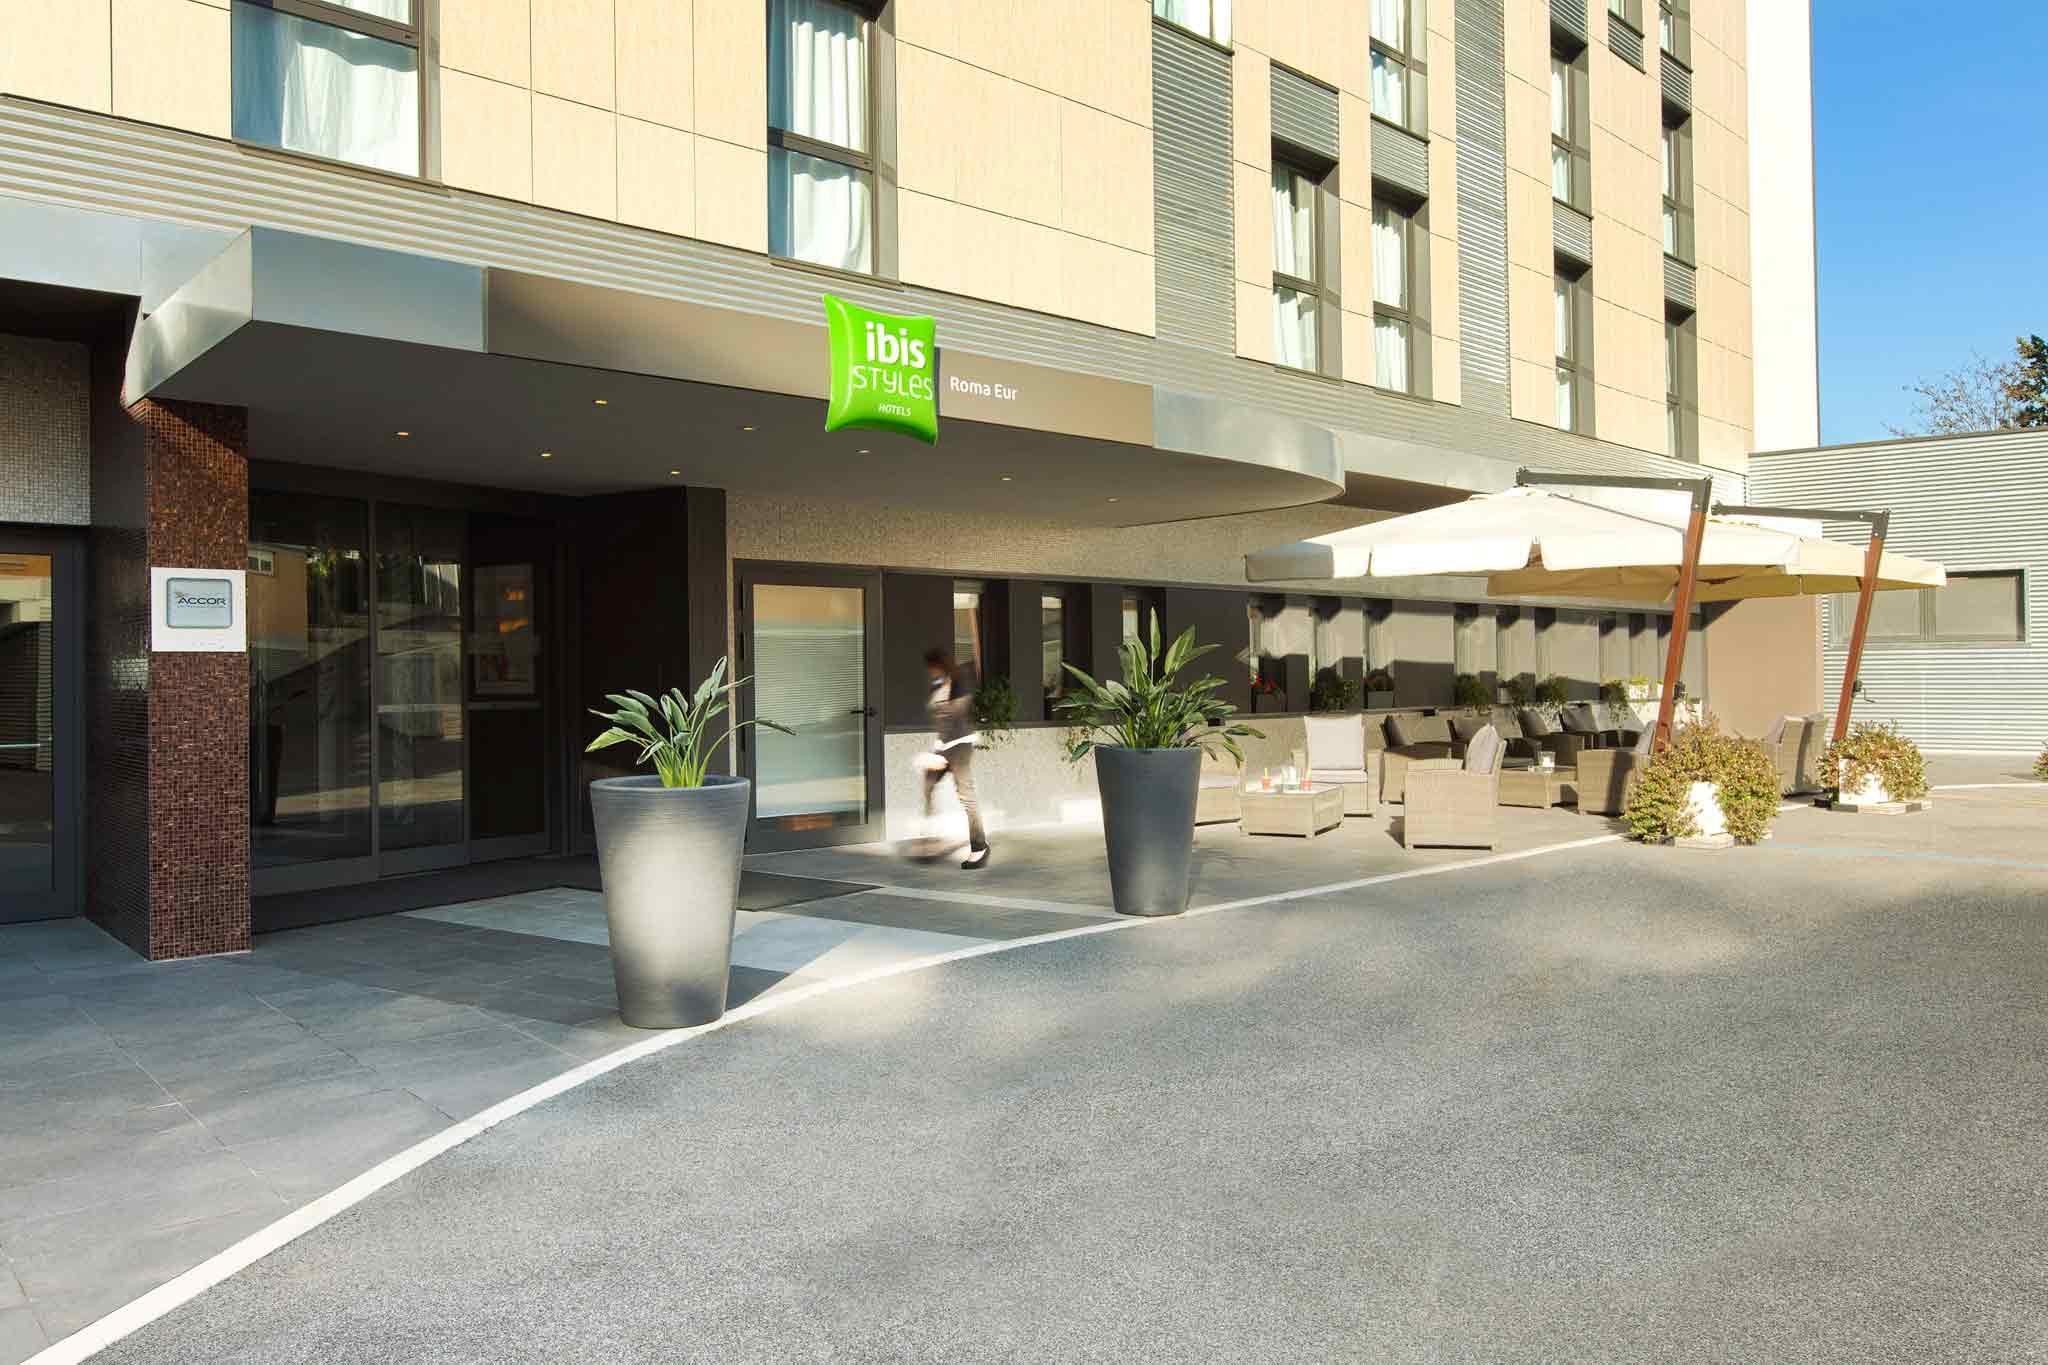 Hotel – ibis Styles Roma Eur